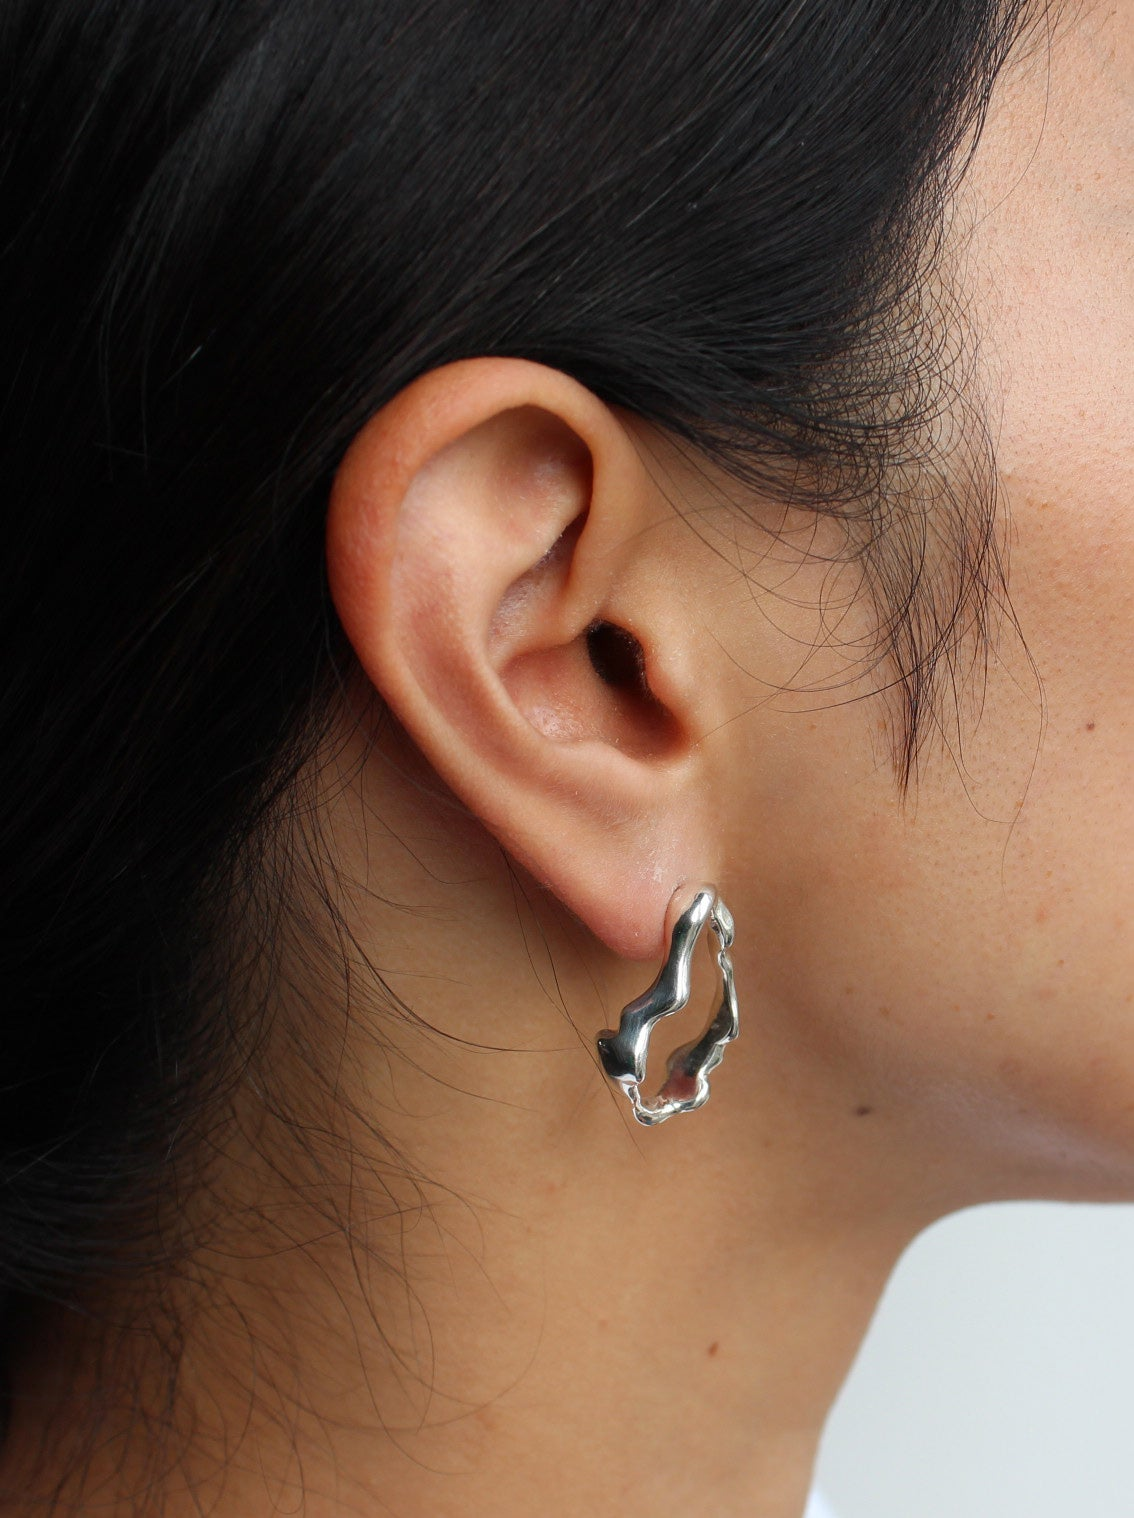 Image of spray earrings